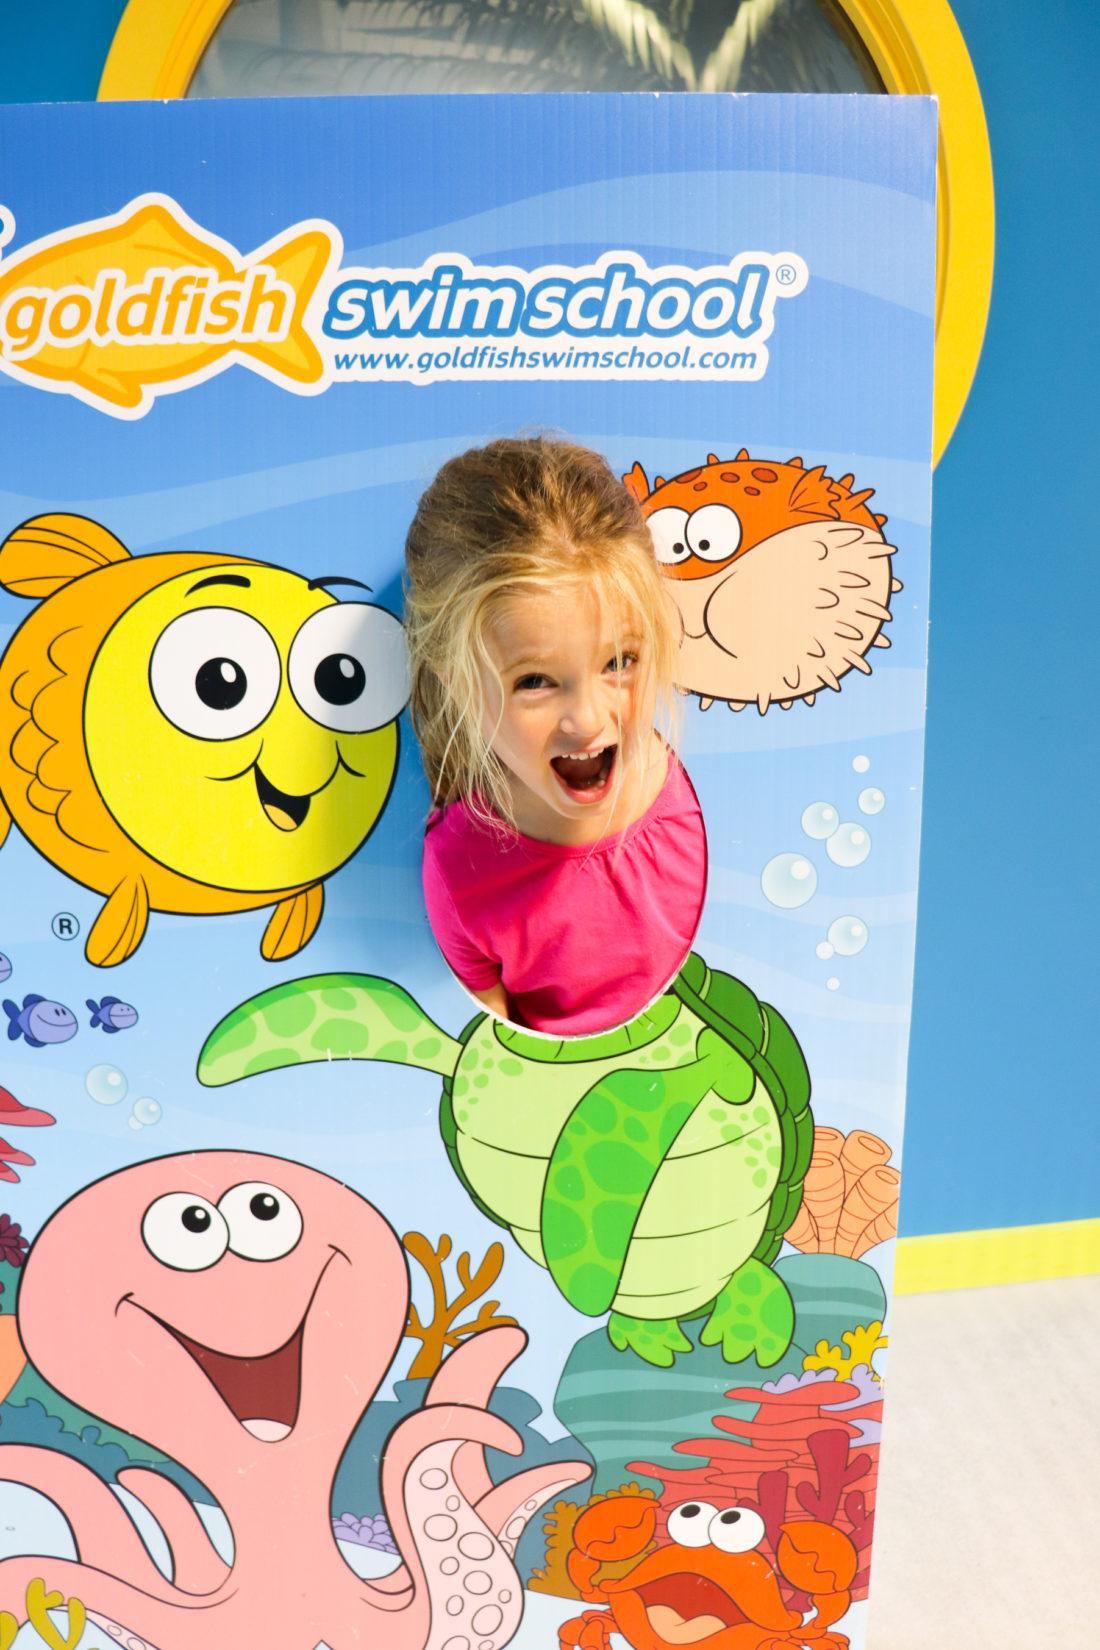 Marlowe Martino posing at her local swim school Goldfish Swim School